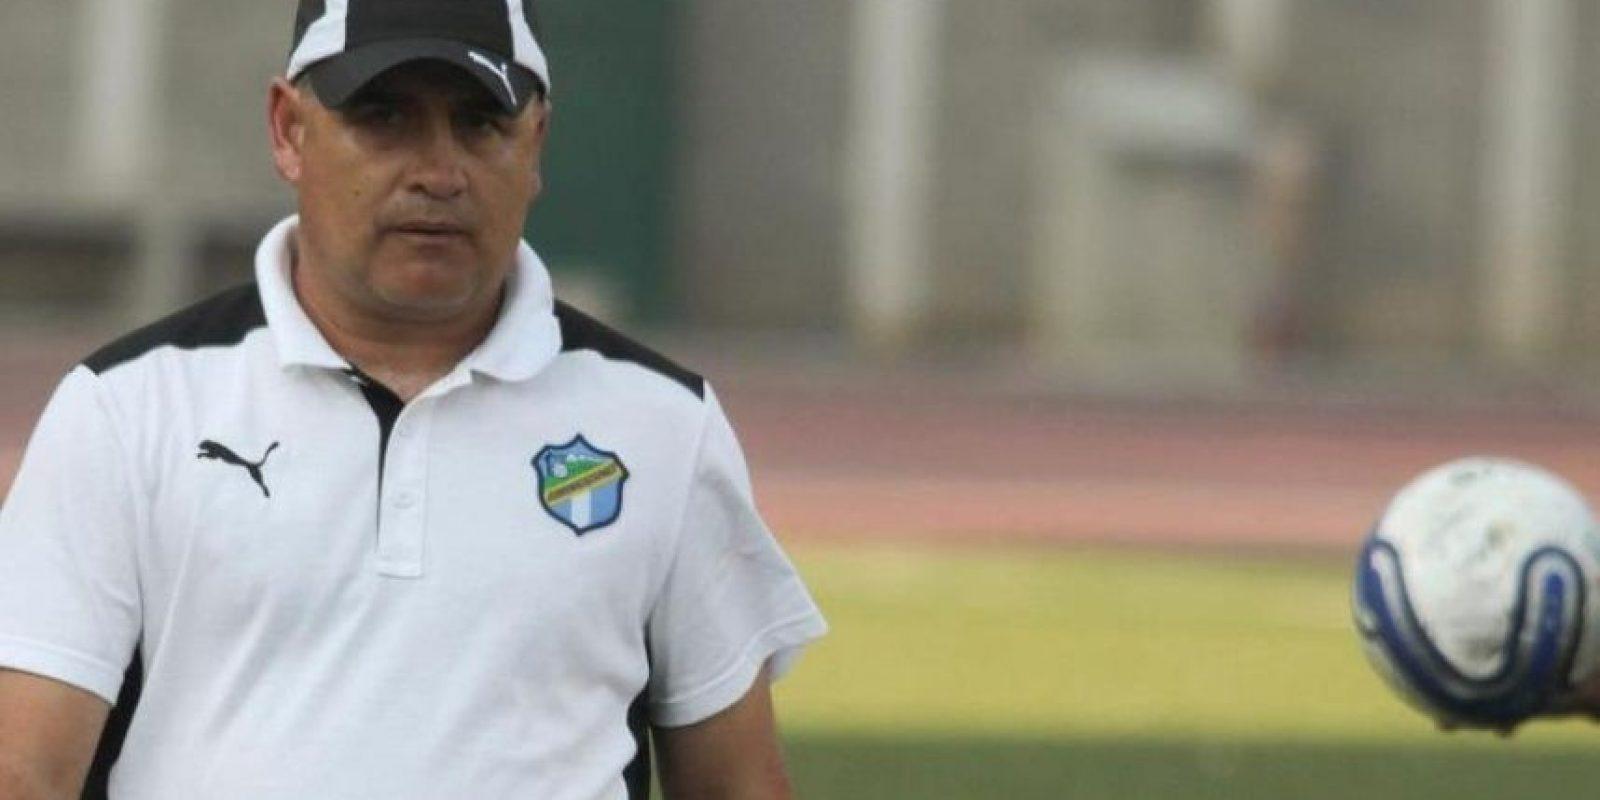 Esta es la primera vez que el uruguayo William Coito Olivera dirigirá una semifinal de Liga Mayor con los cremas. Foto:impactomx.com